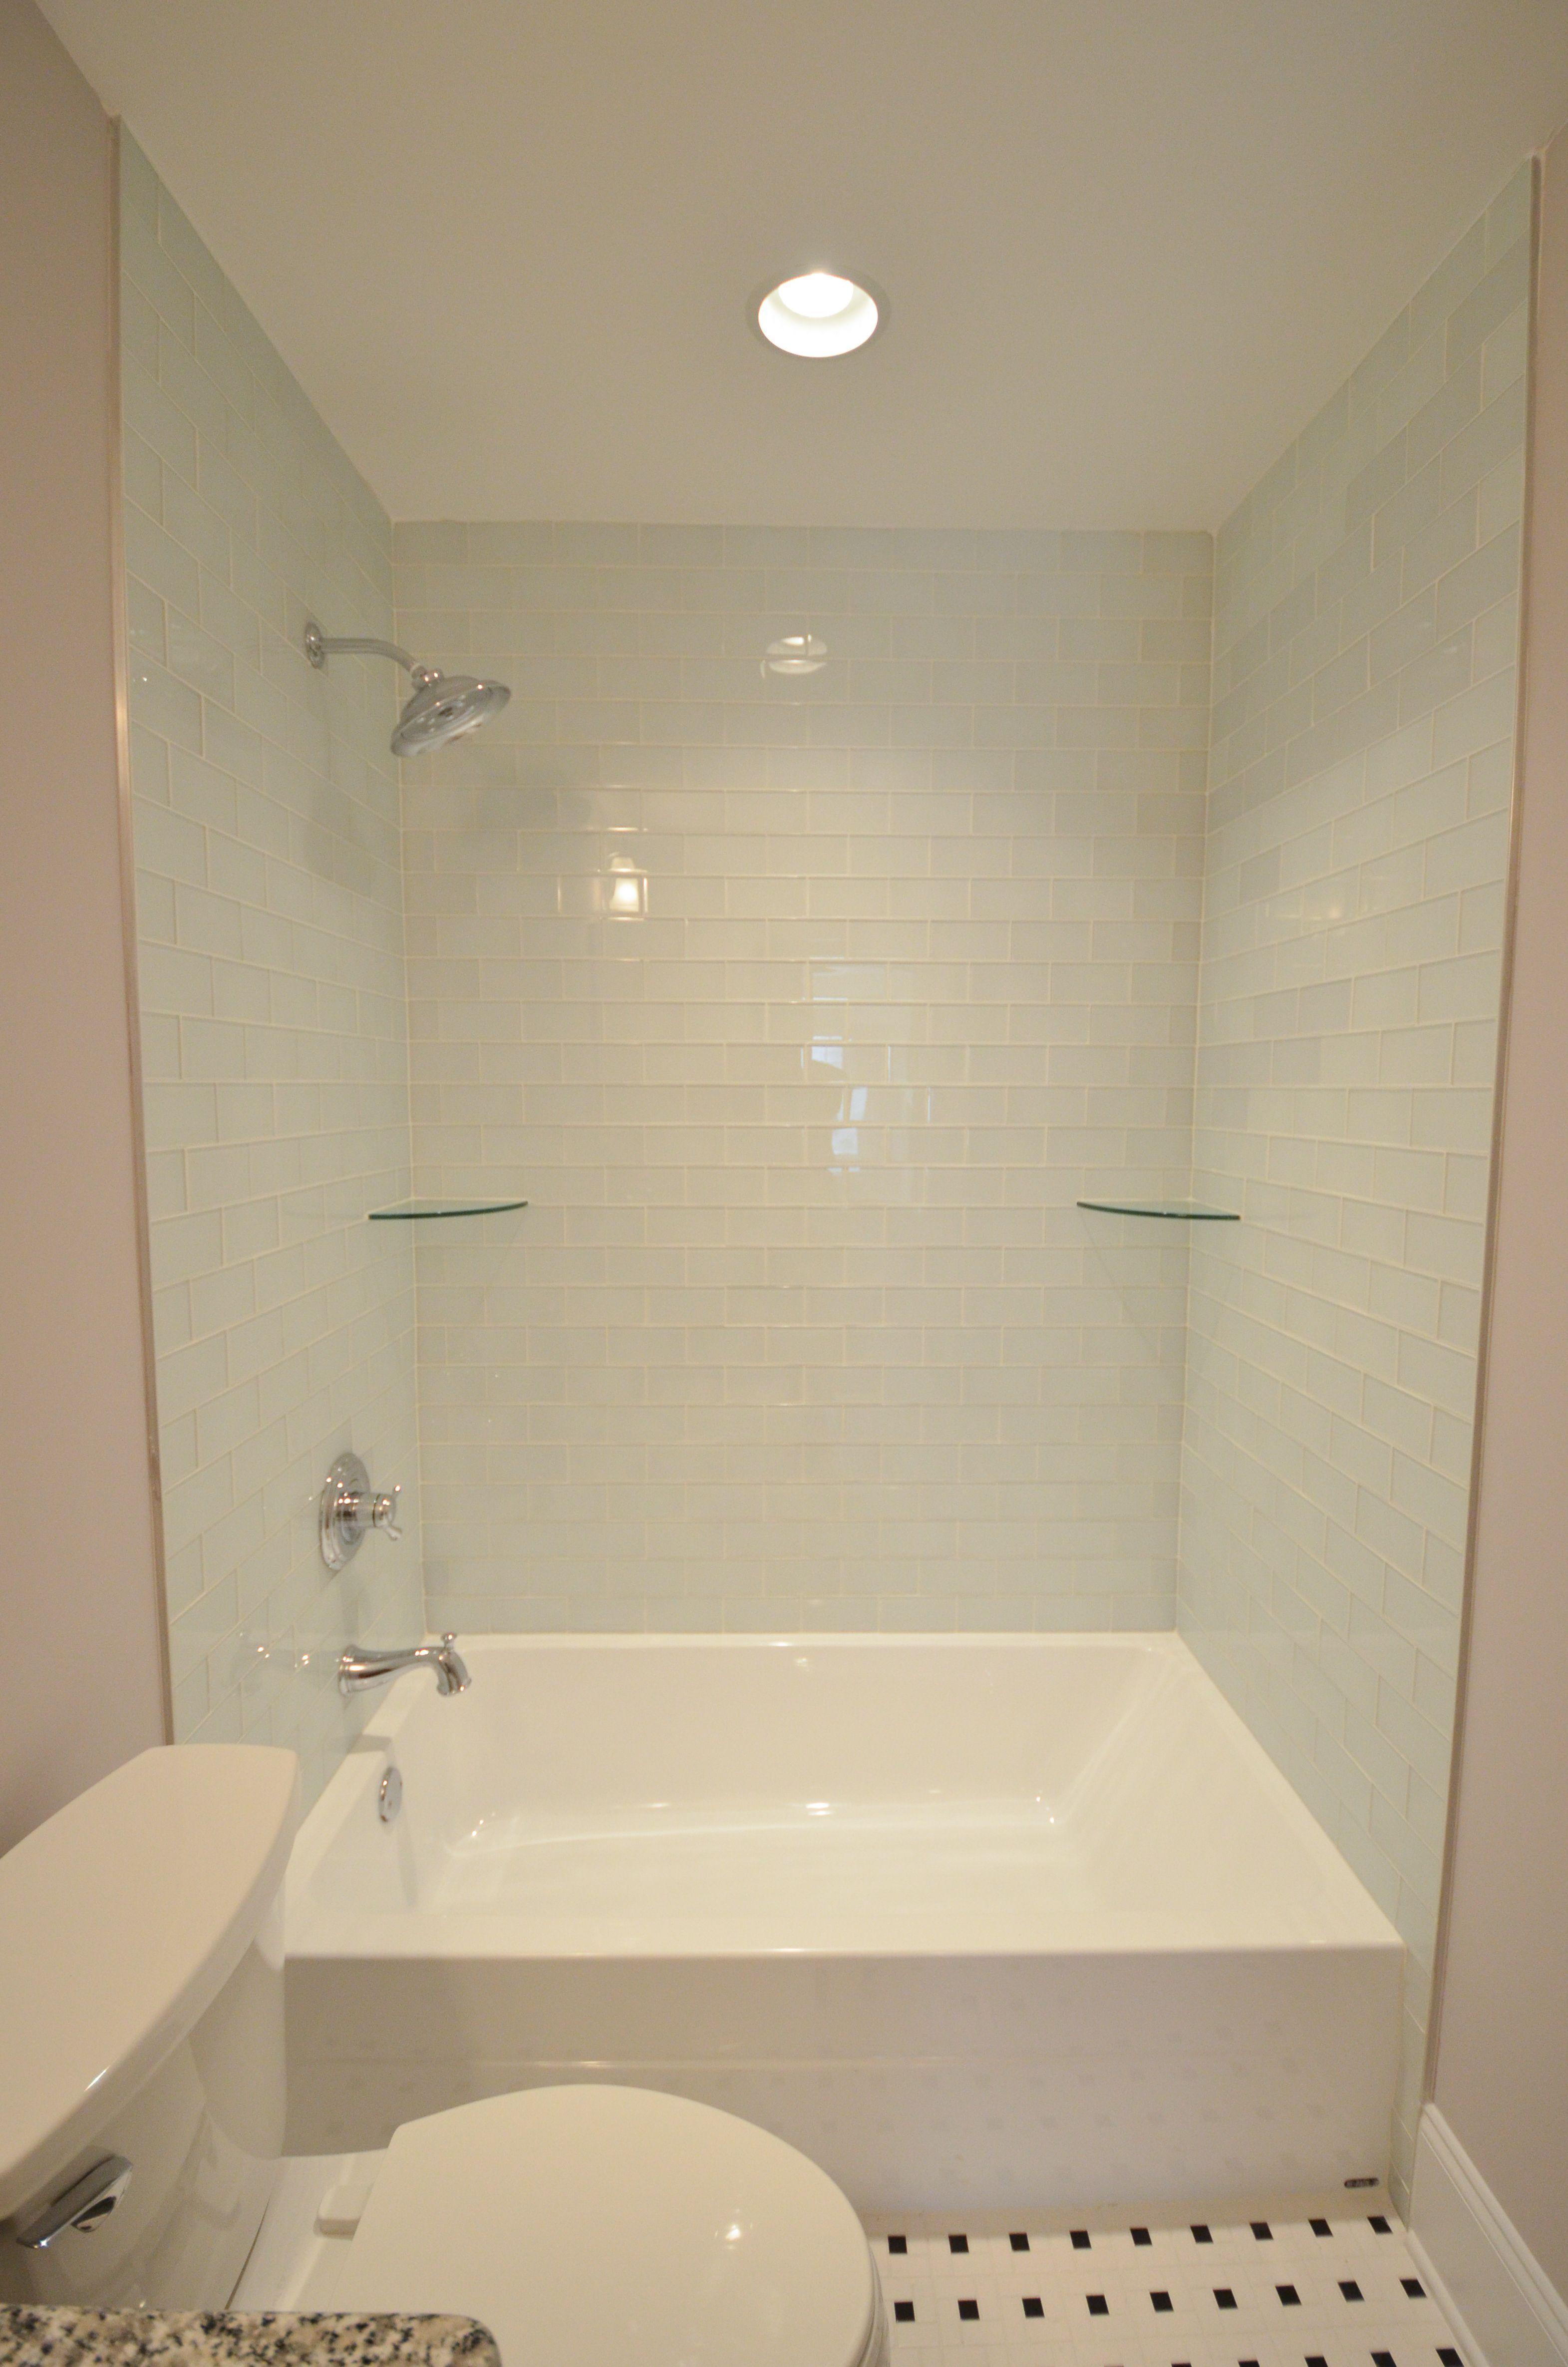 Oversized Tub Shower Combo With Light Blue Tile Shower Shelves